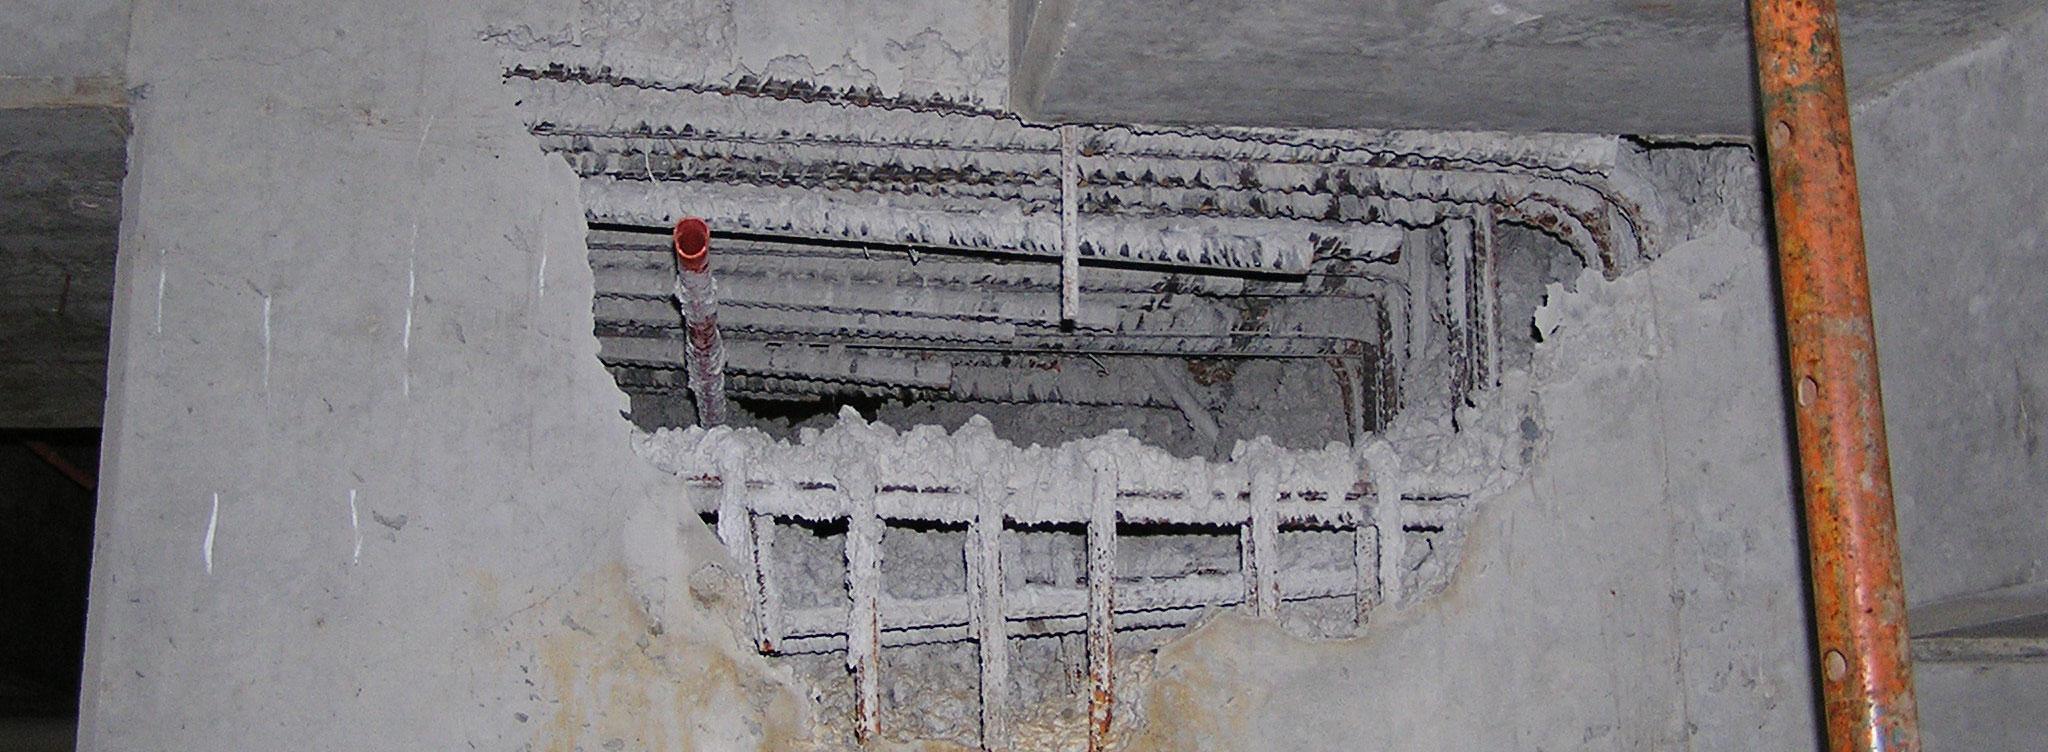 Understanding Construction Grouts